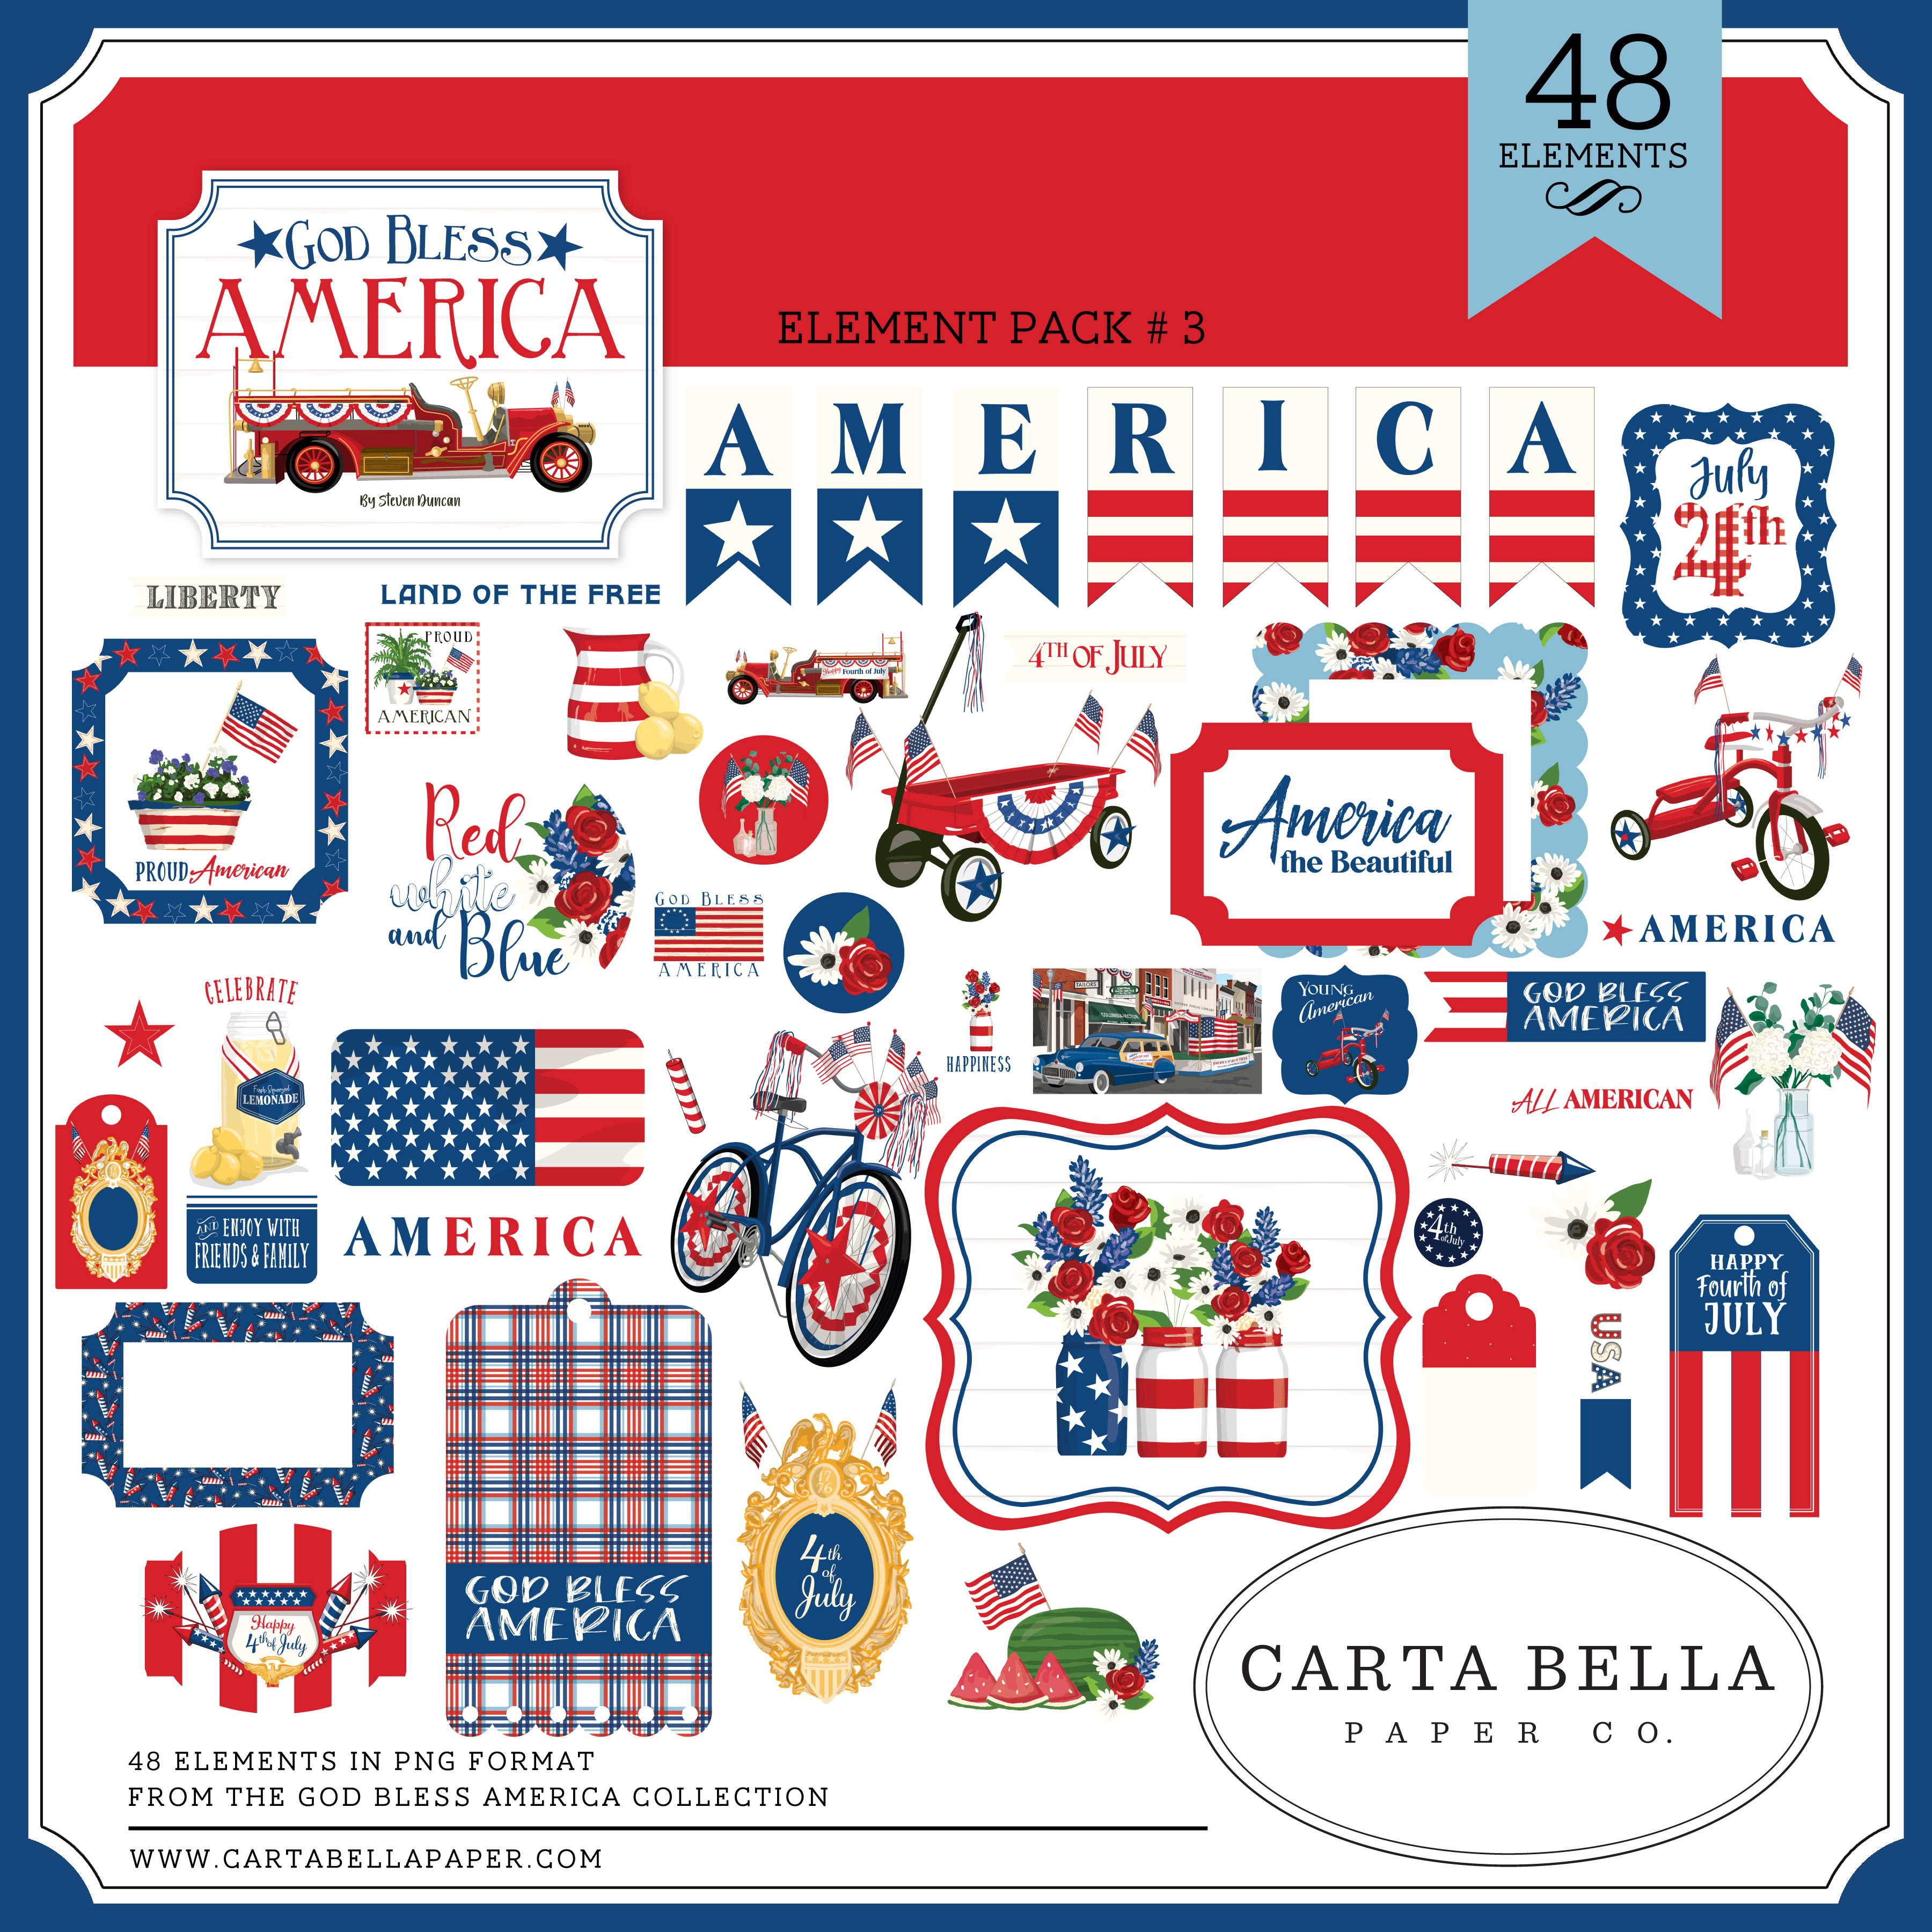 God Bless America Element Pack #3